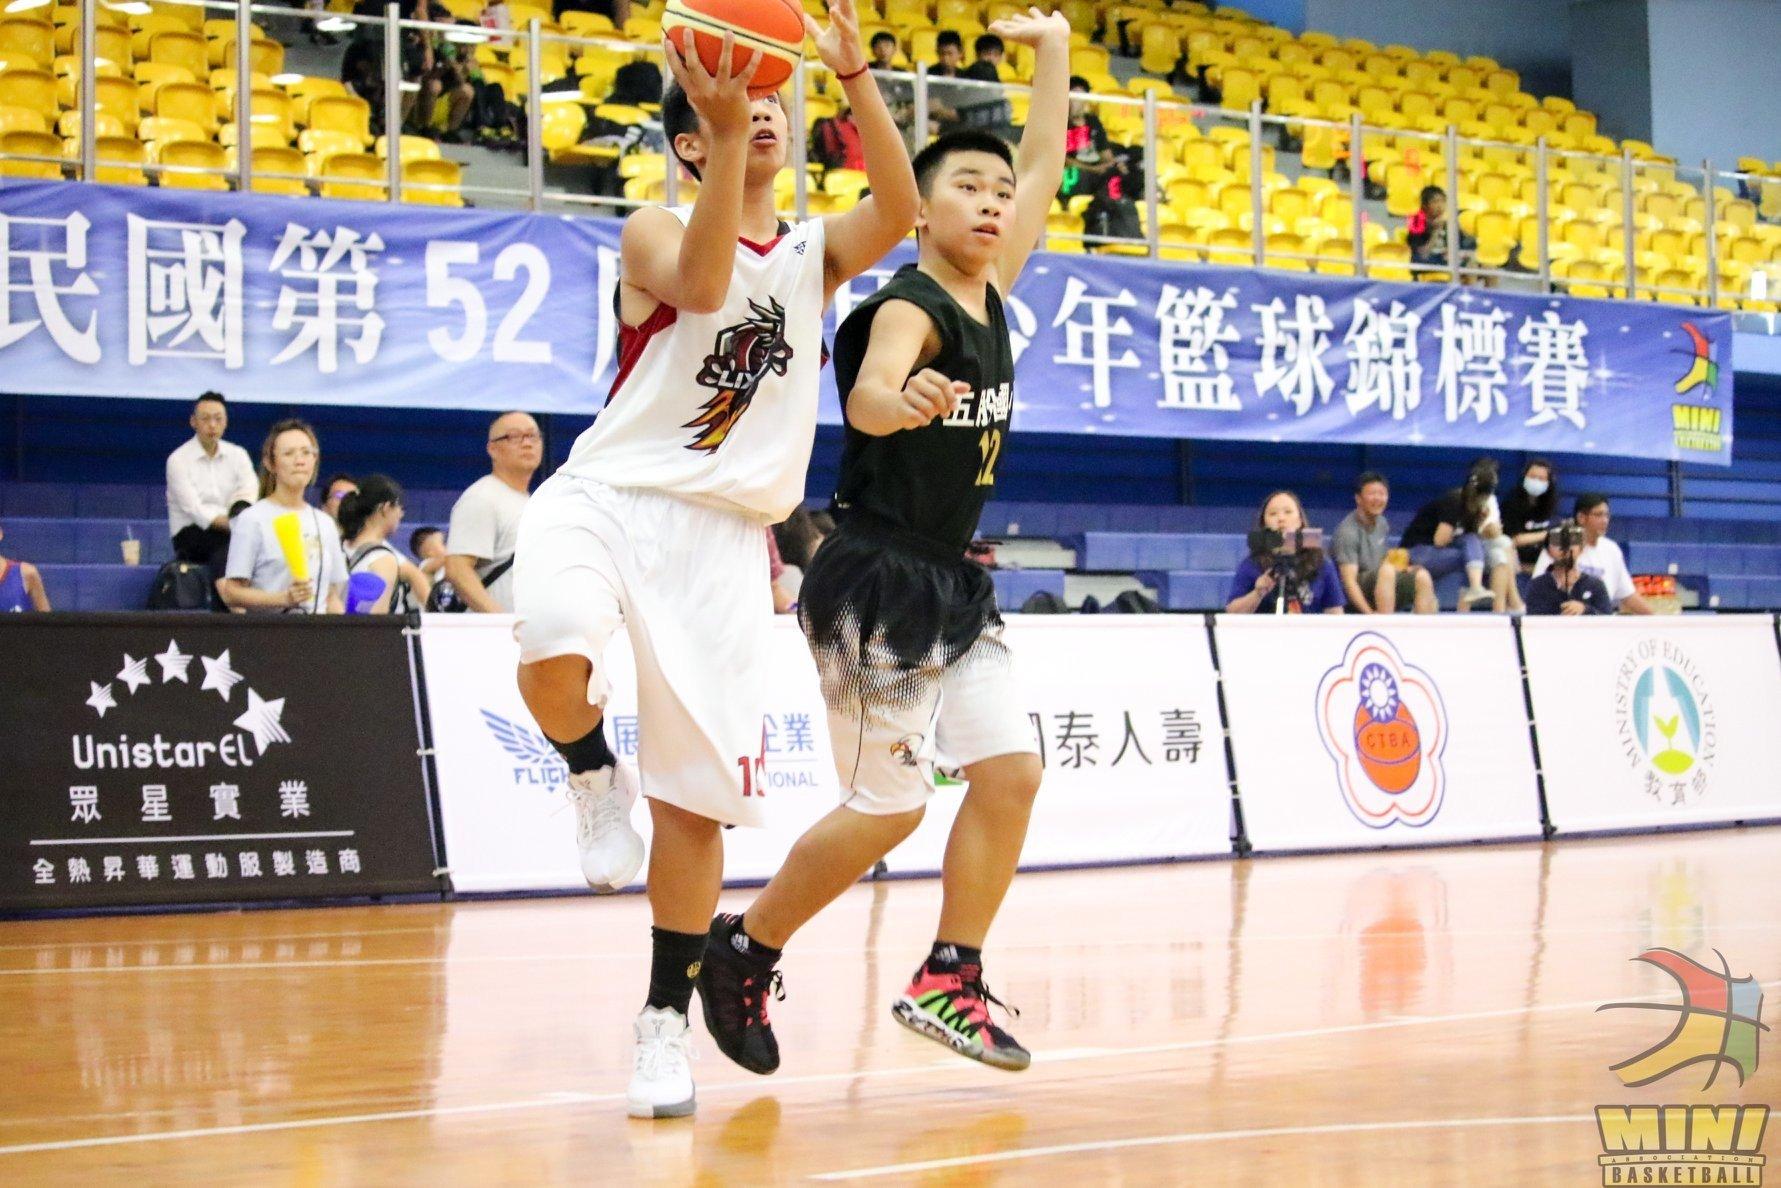 中華民國少年籃球發展協會